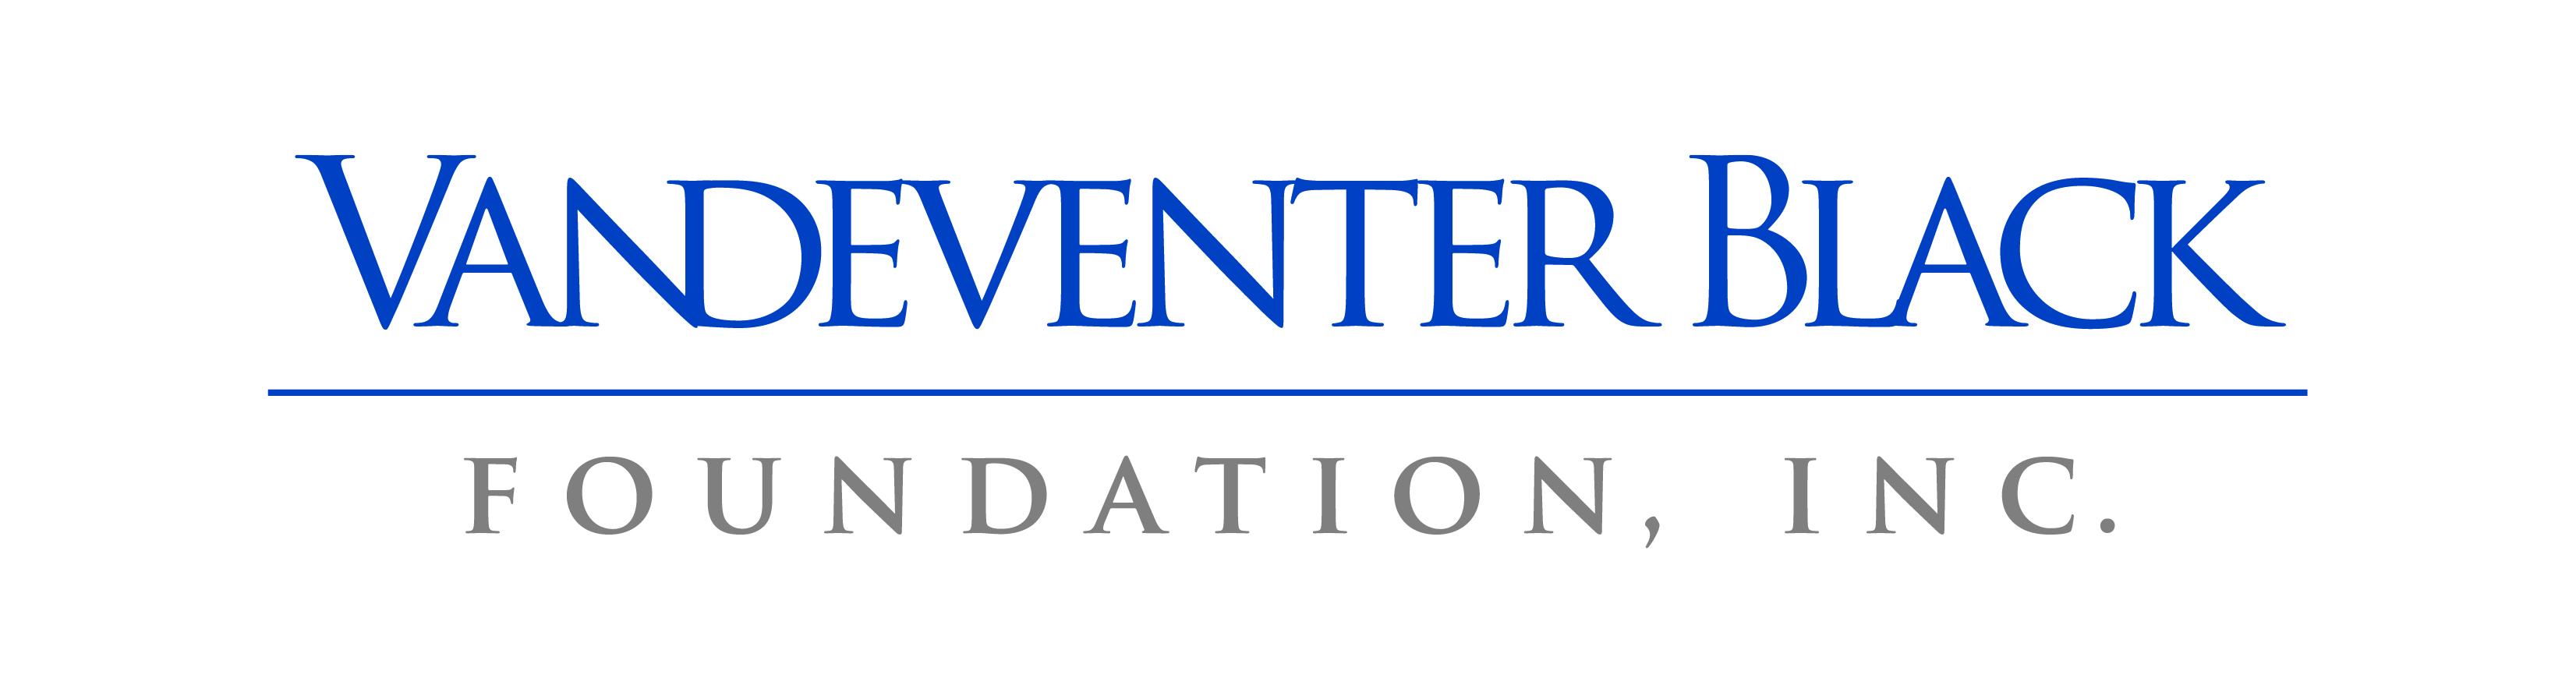 VB_Foundation_Logo